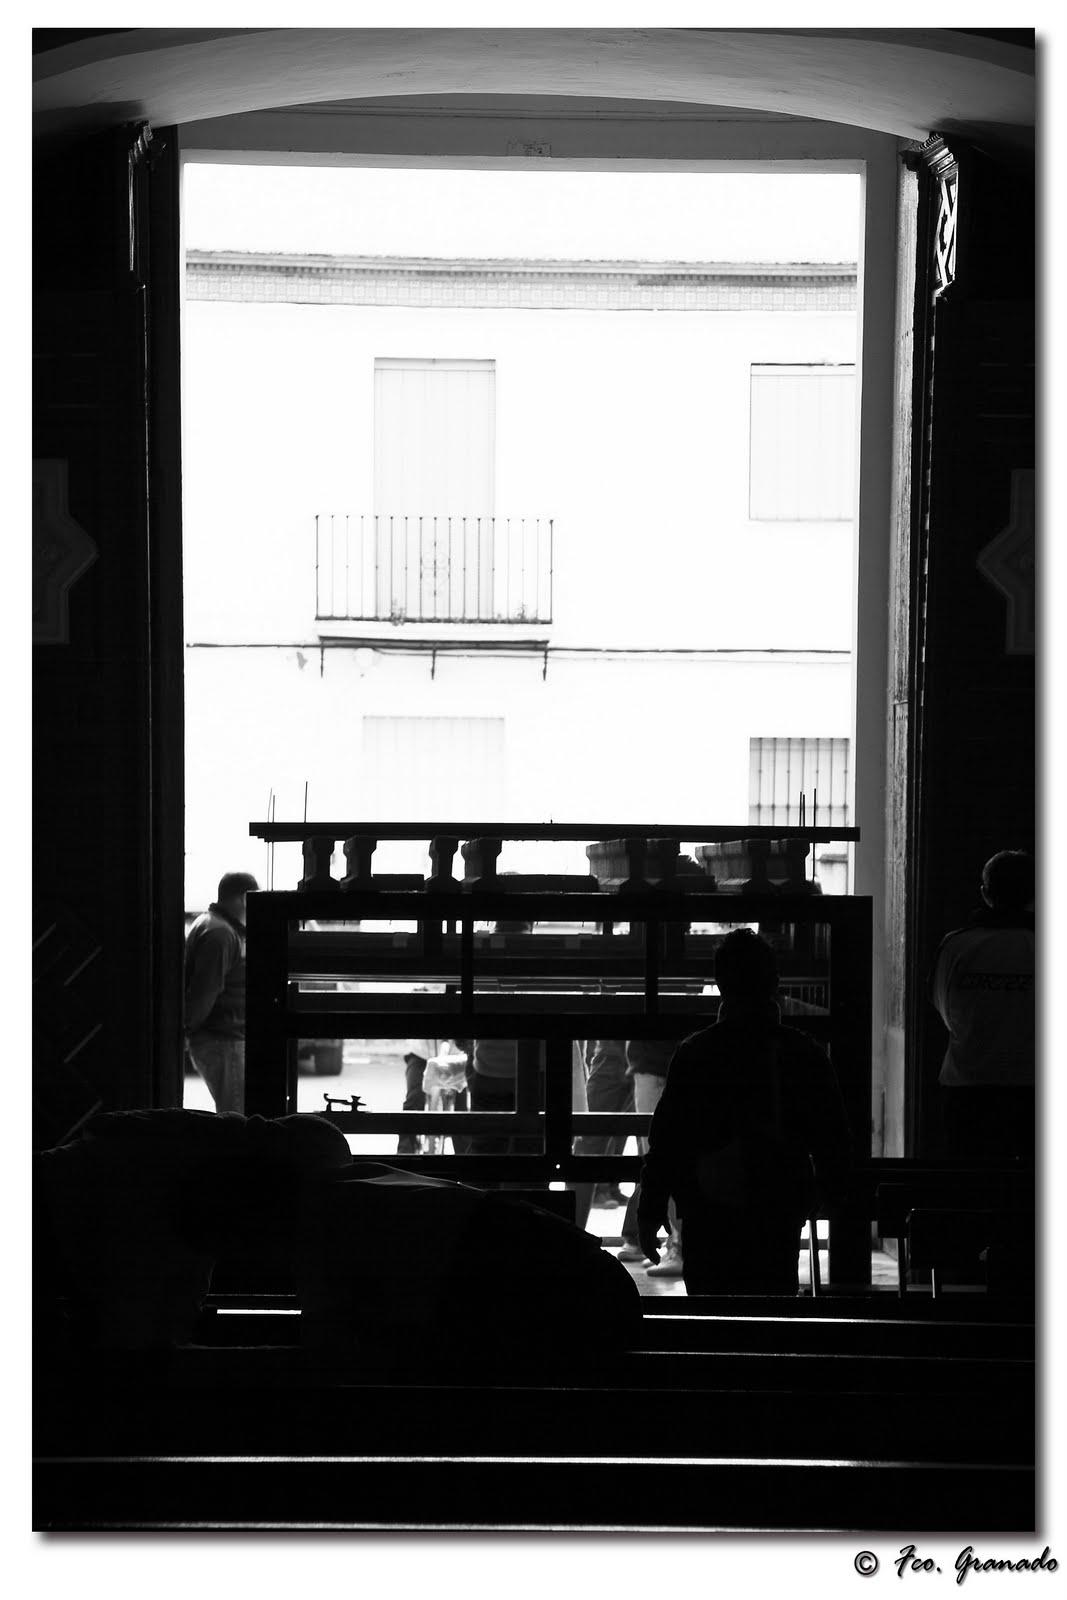 http://franciscogranadopatero35.blogspot.com.es/2011/03/ensayo-de-costaleros-de-la-virgen-de.html